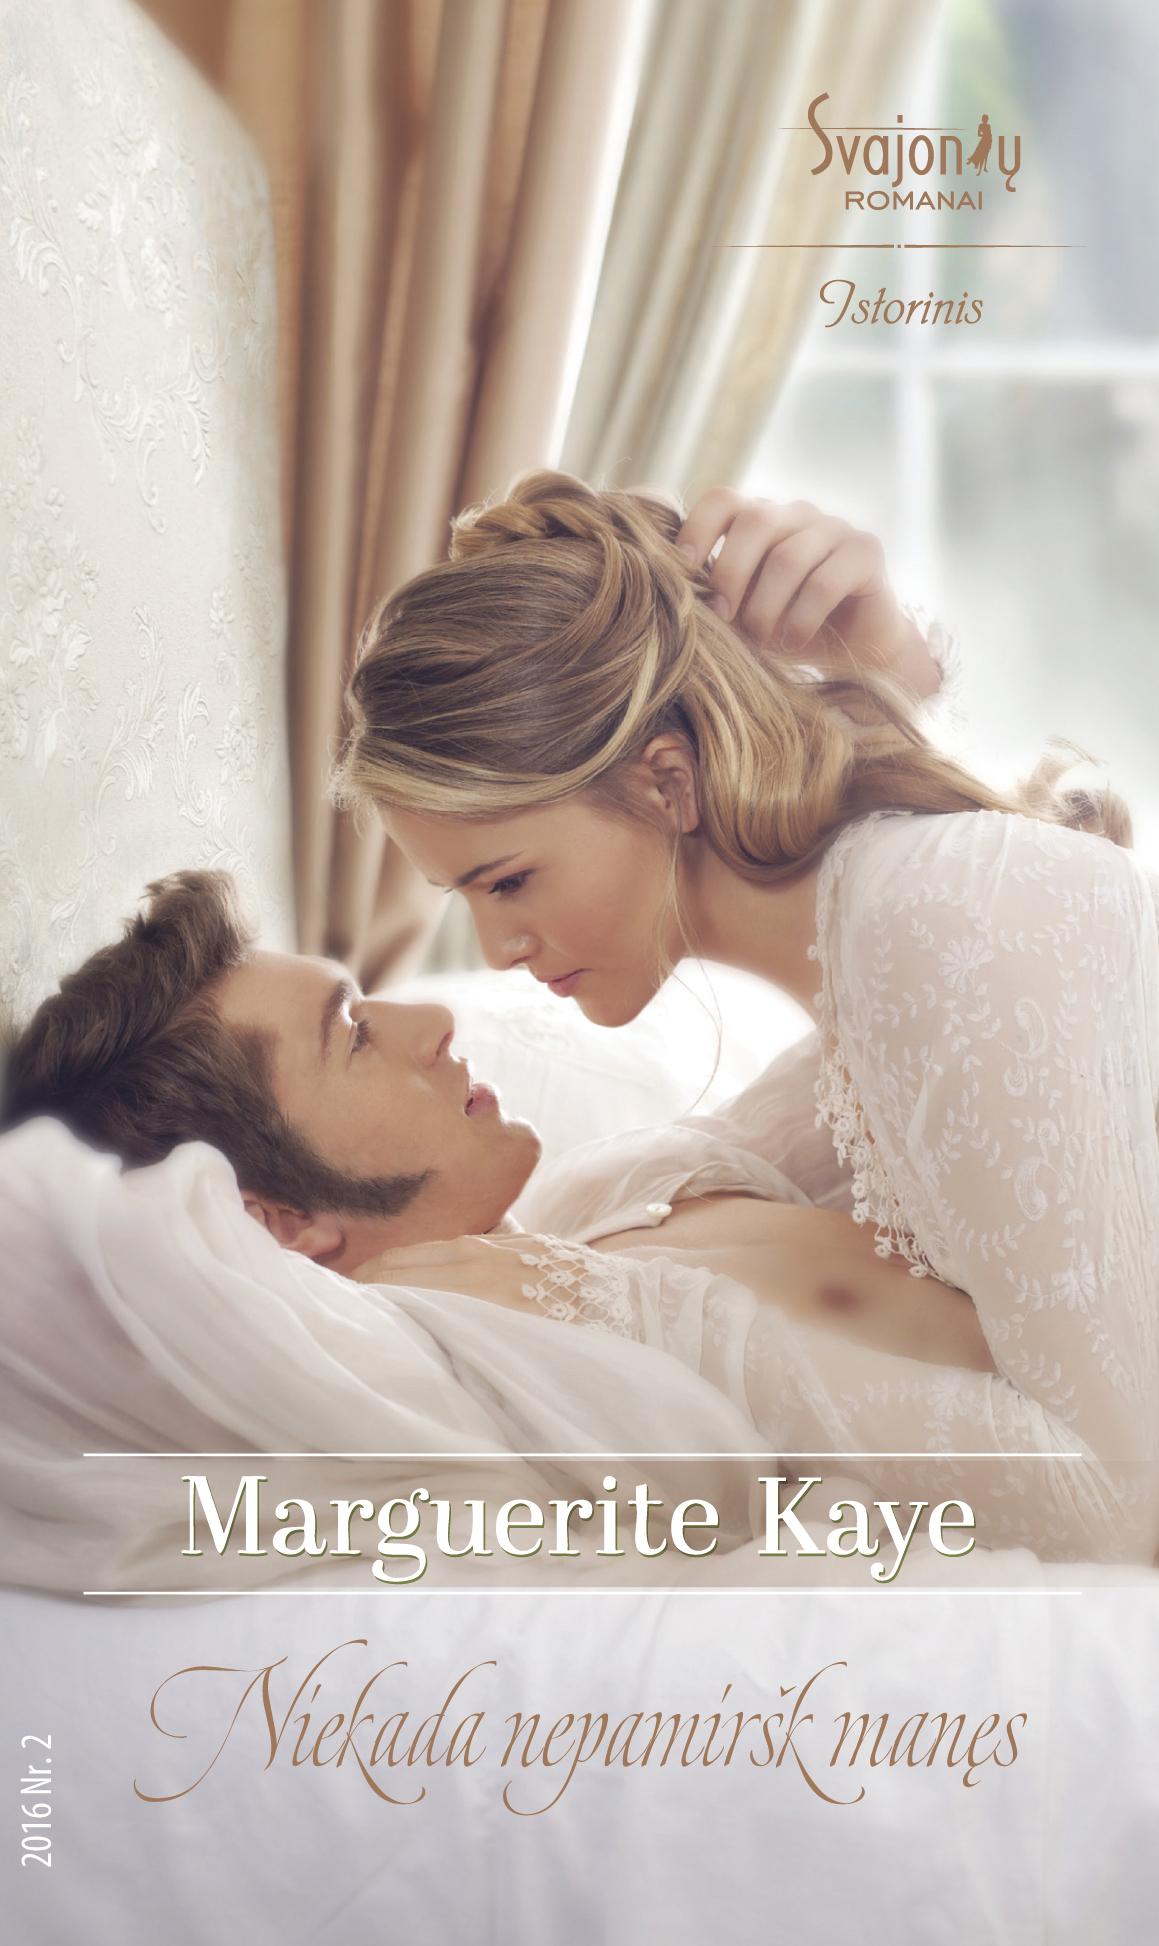 Marguerite Kaye Niekada nepamiršk manęs marguerite kaye niekada nepamiršk manęs